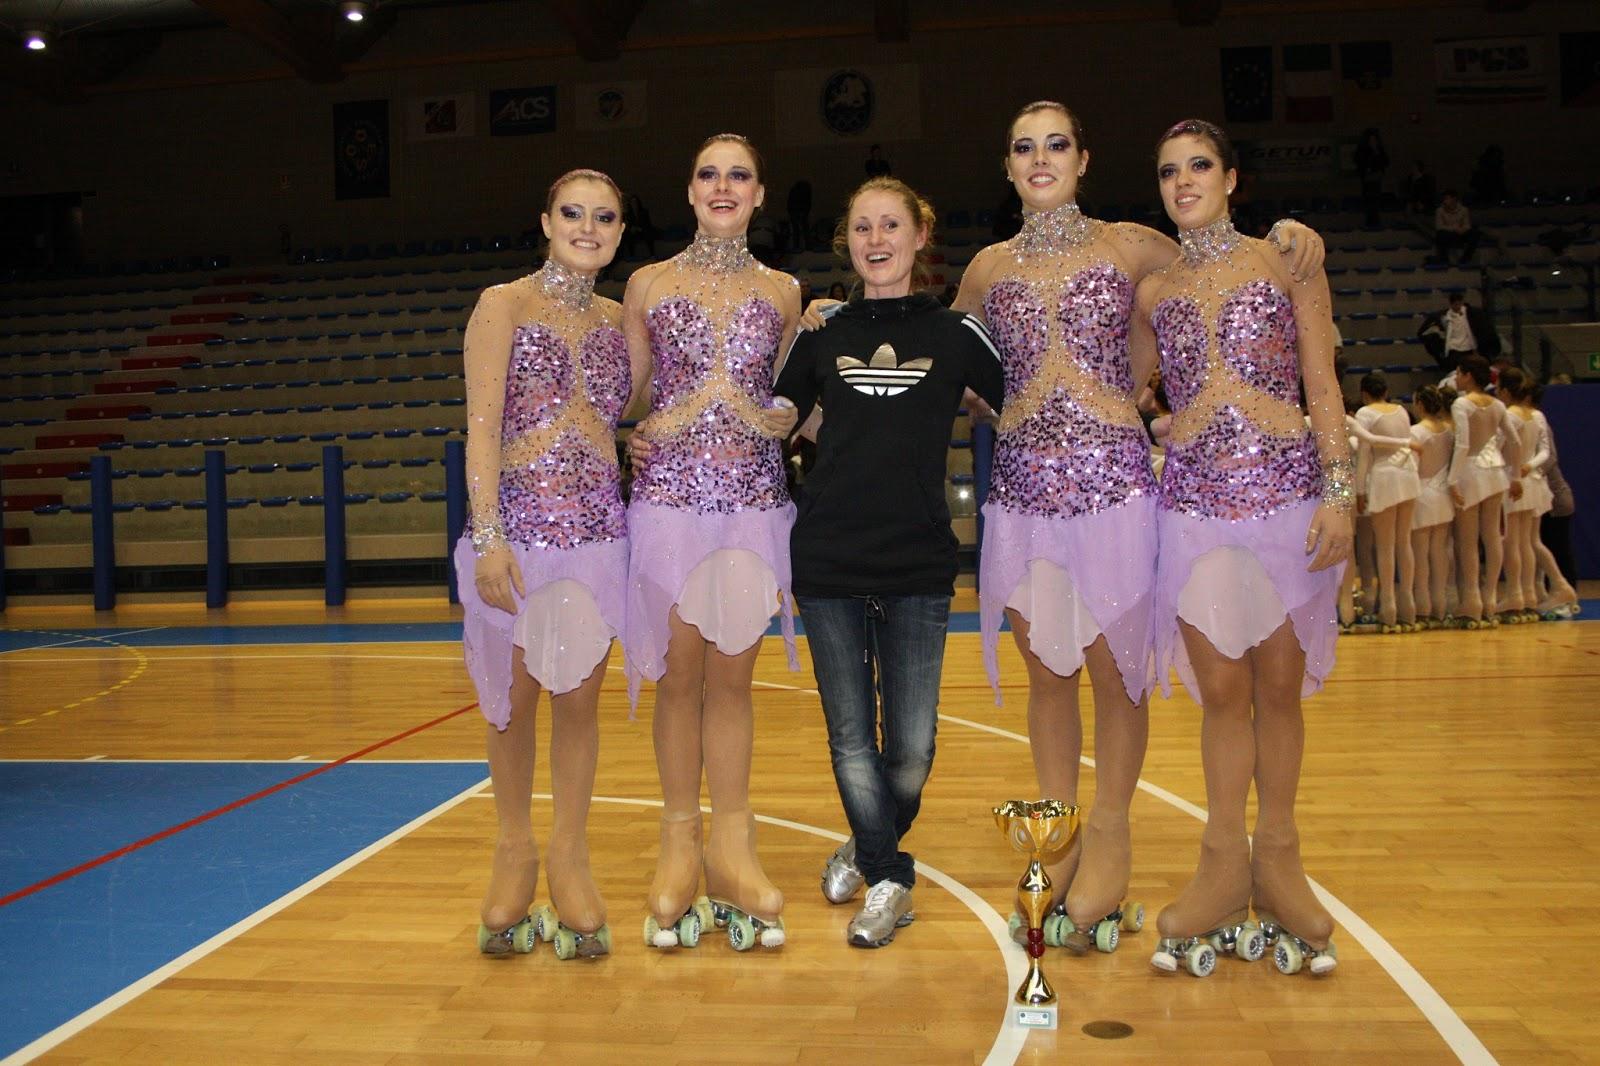 e206cb1347 A.S.D. PATTINAGGIO ARTISTICO PIERIS: Campionati Europei Gruppi Spettacolo a  Modena